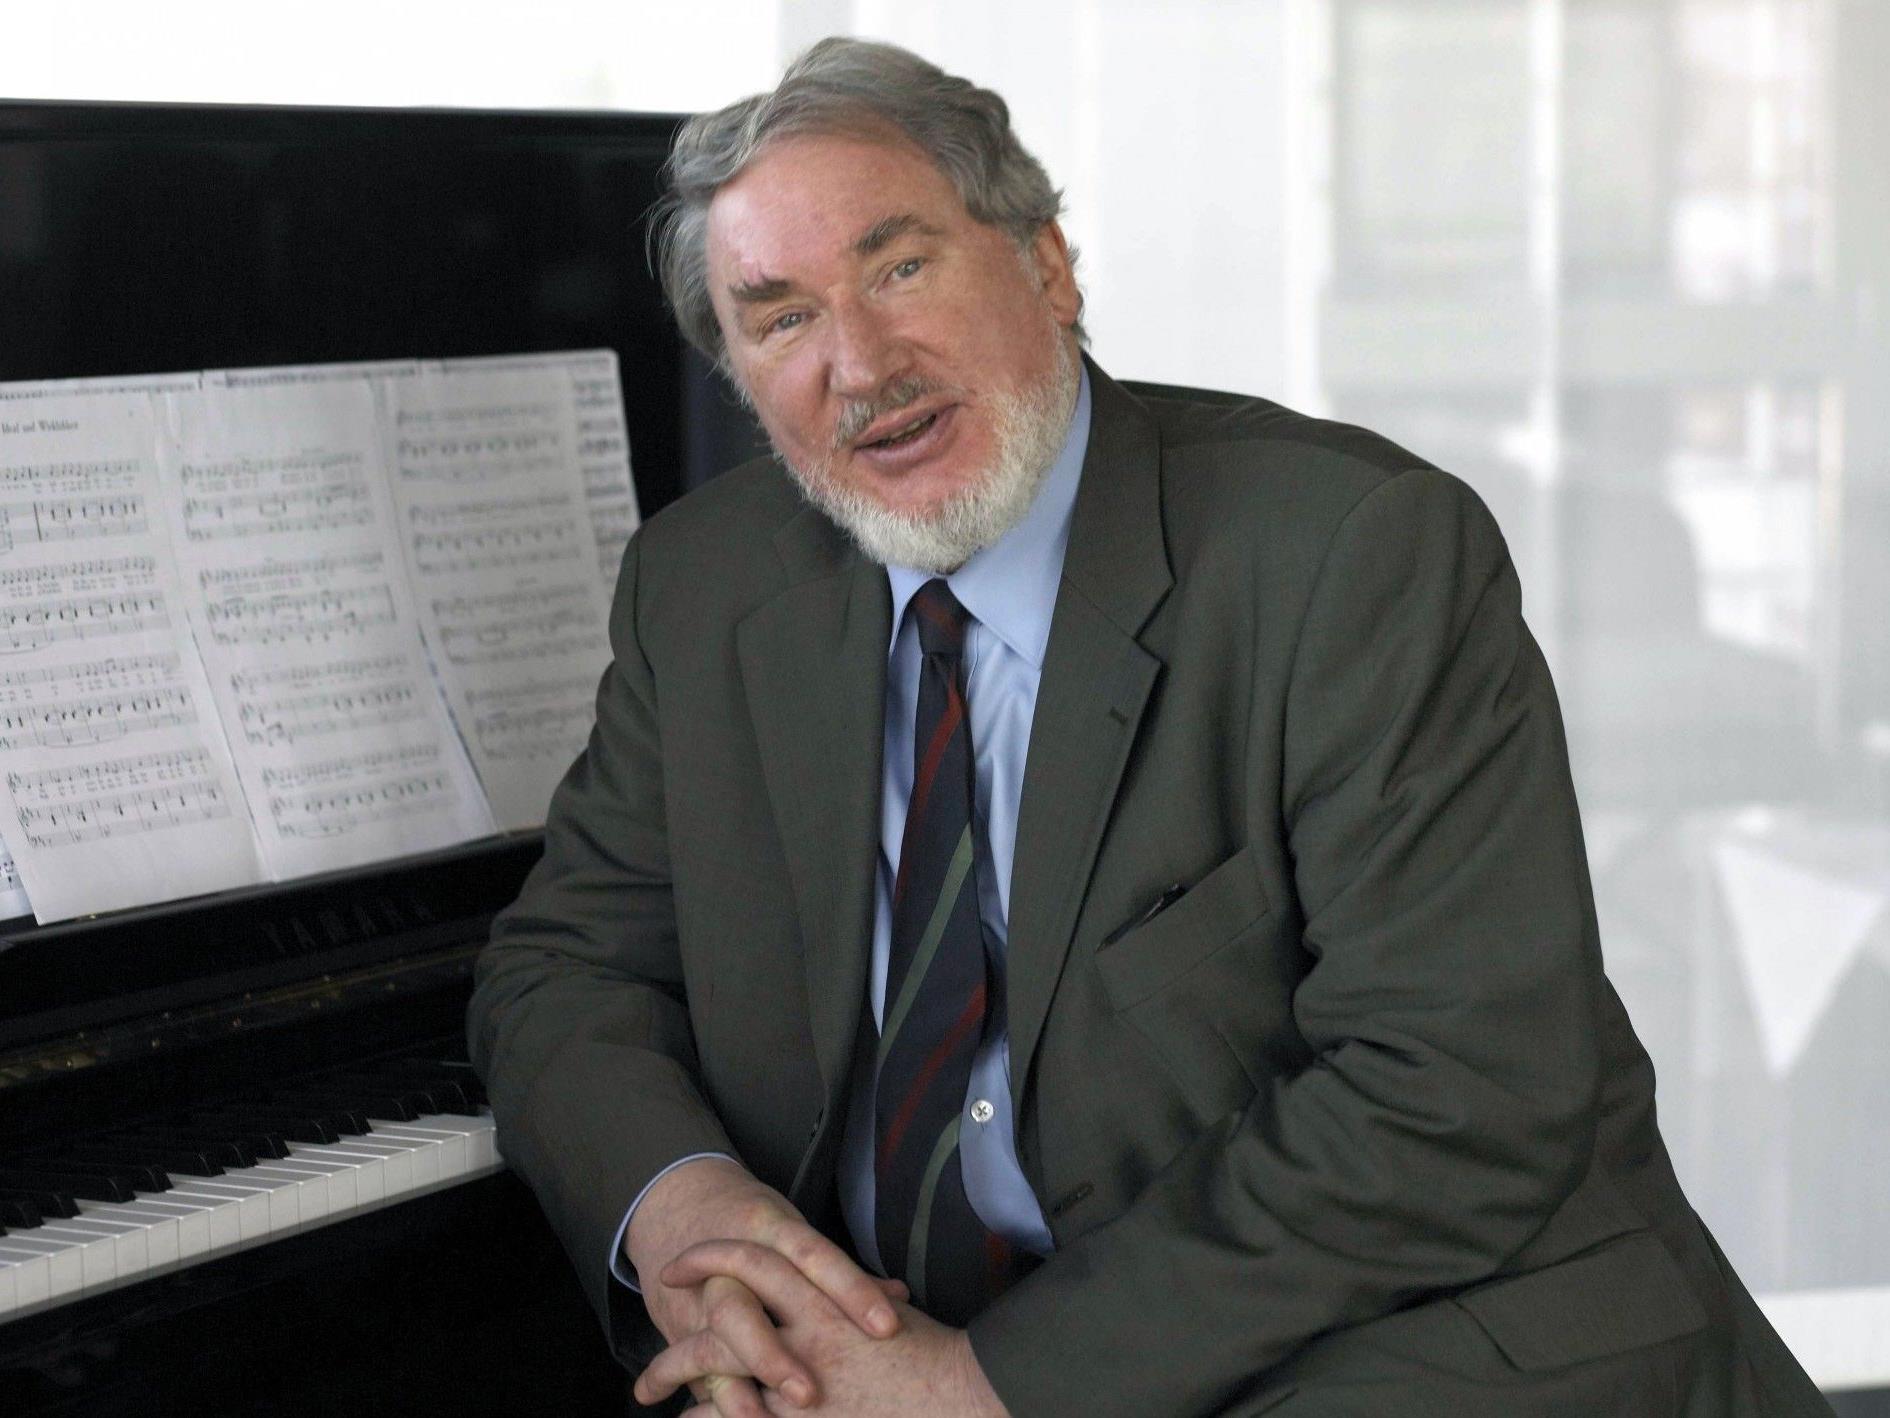 HK Gruber: Unterhaltsamer Composer, Conductor und Chansonnier am Pult der Wiener Symphoniker.